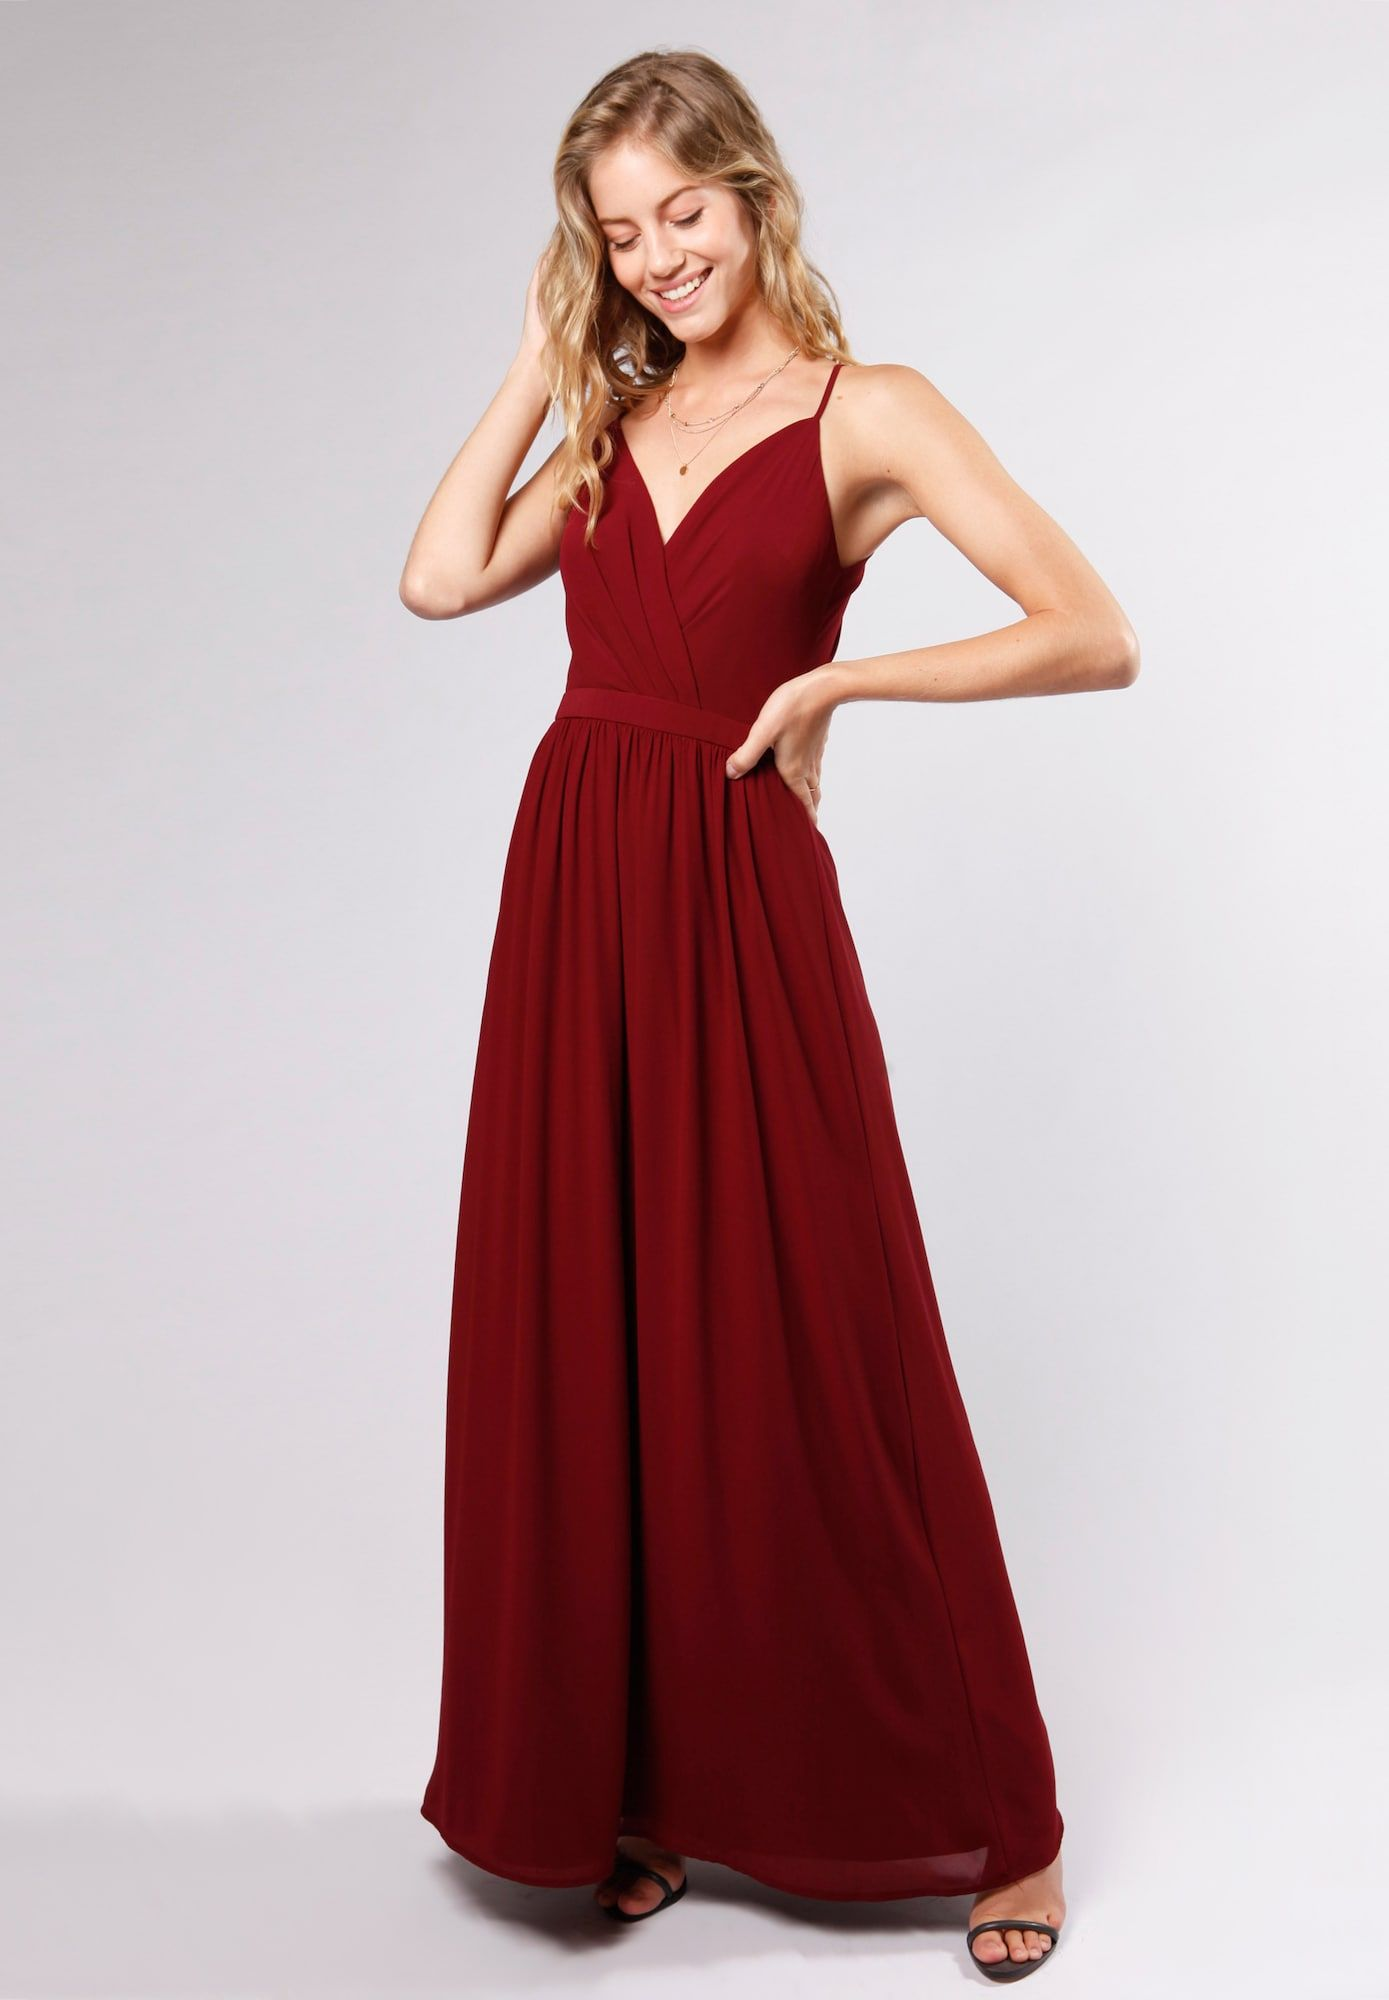 15+ Kleider Größe 44 In Uk süß - Designerkleidern